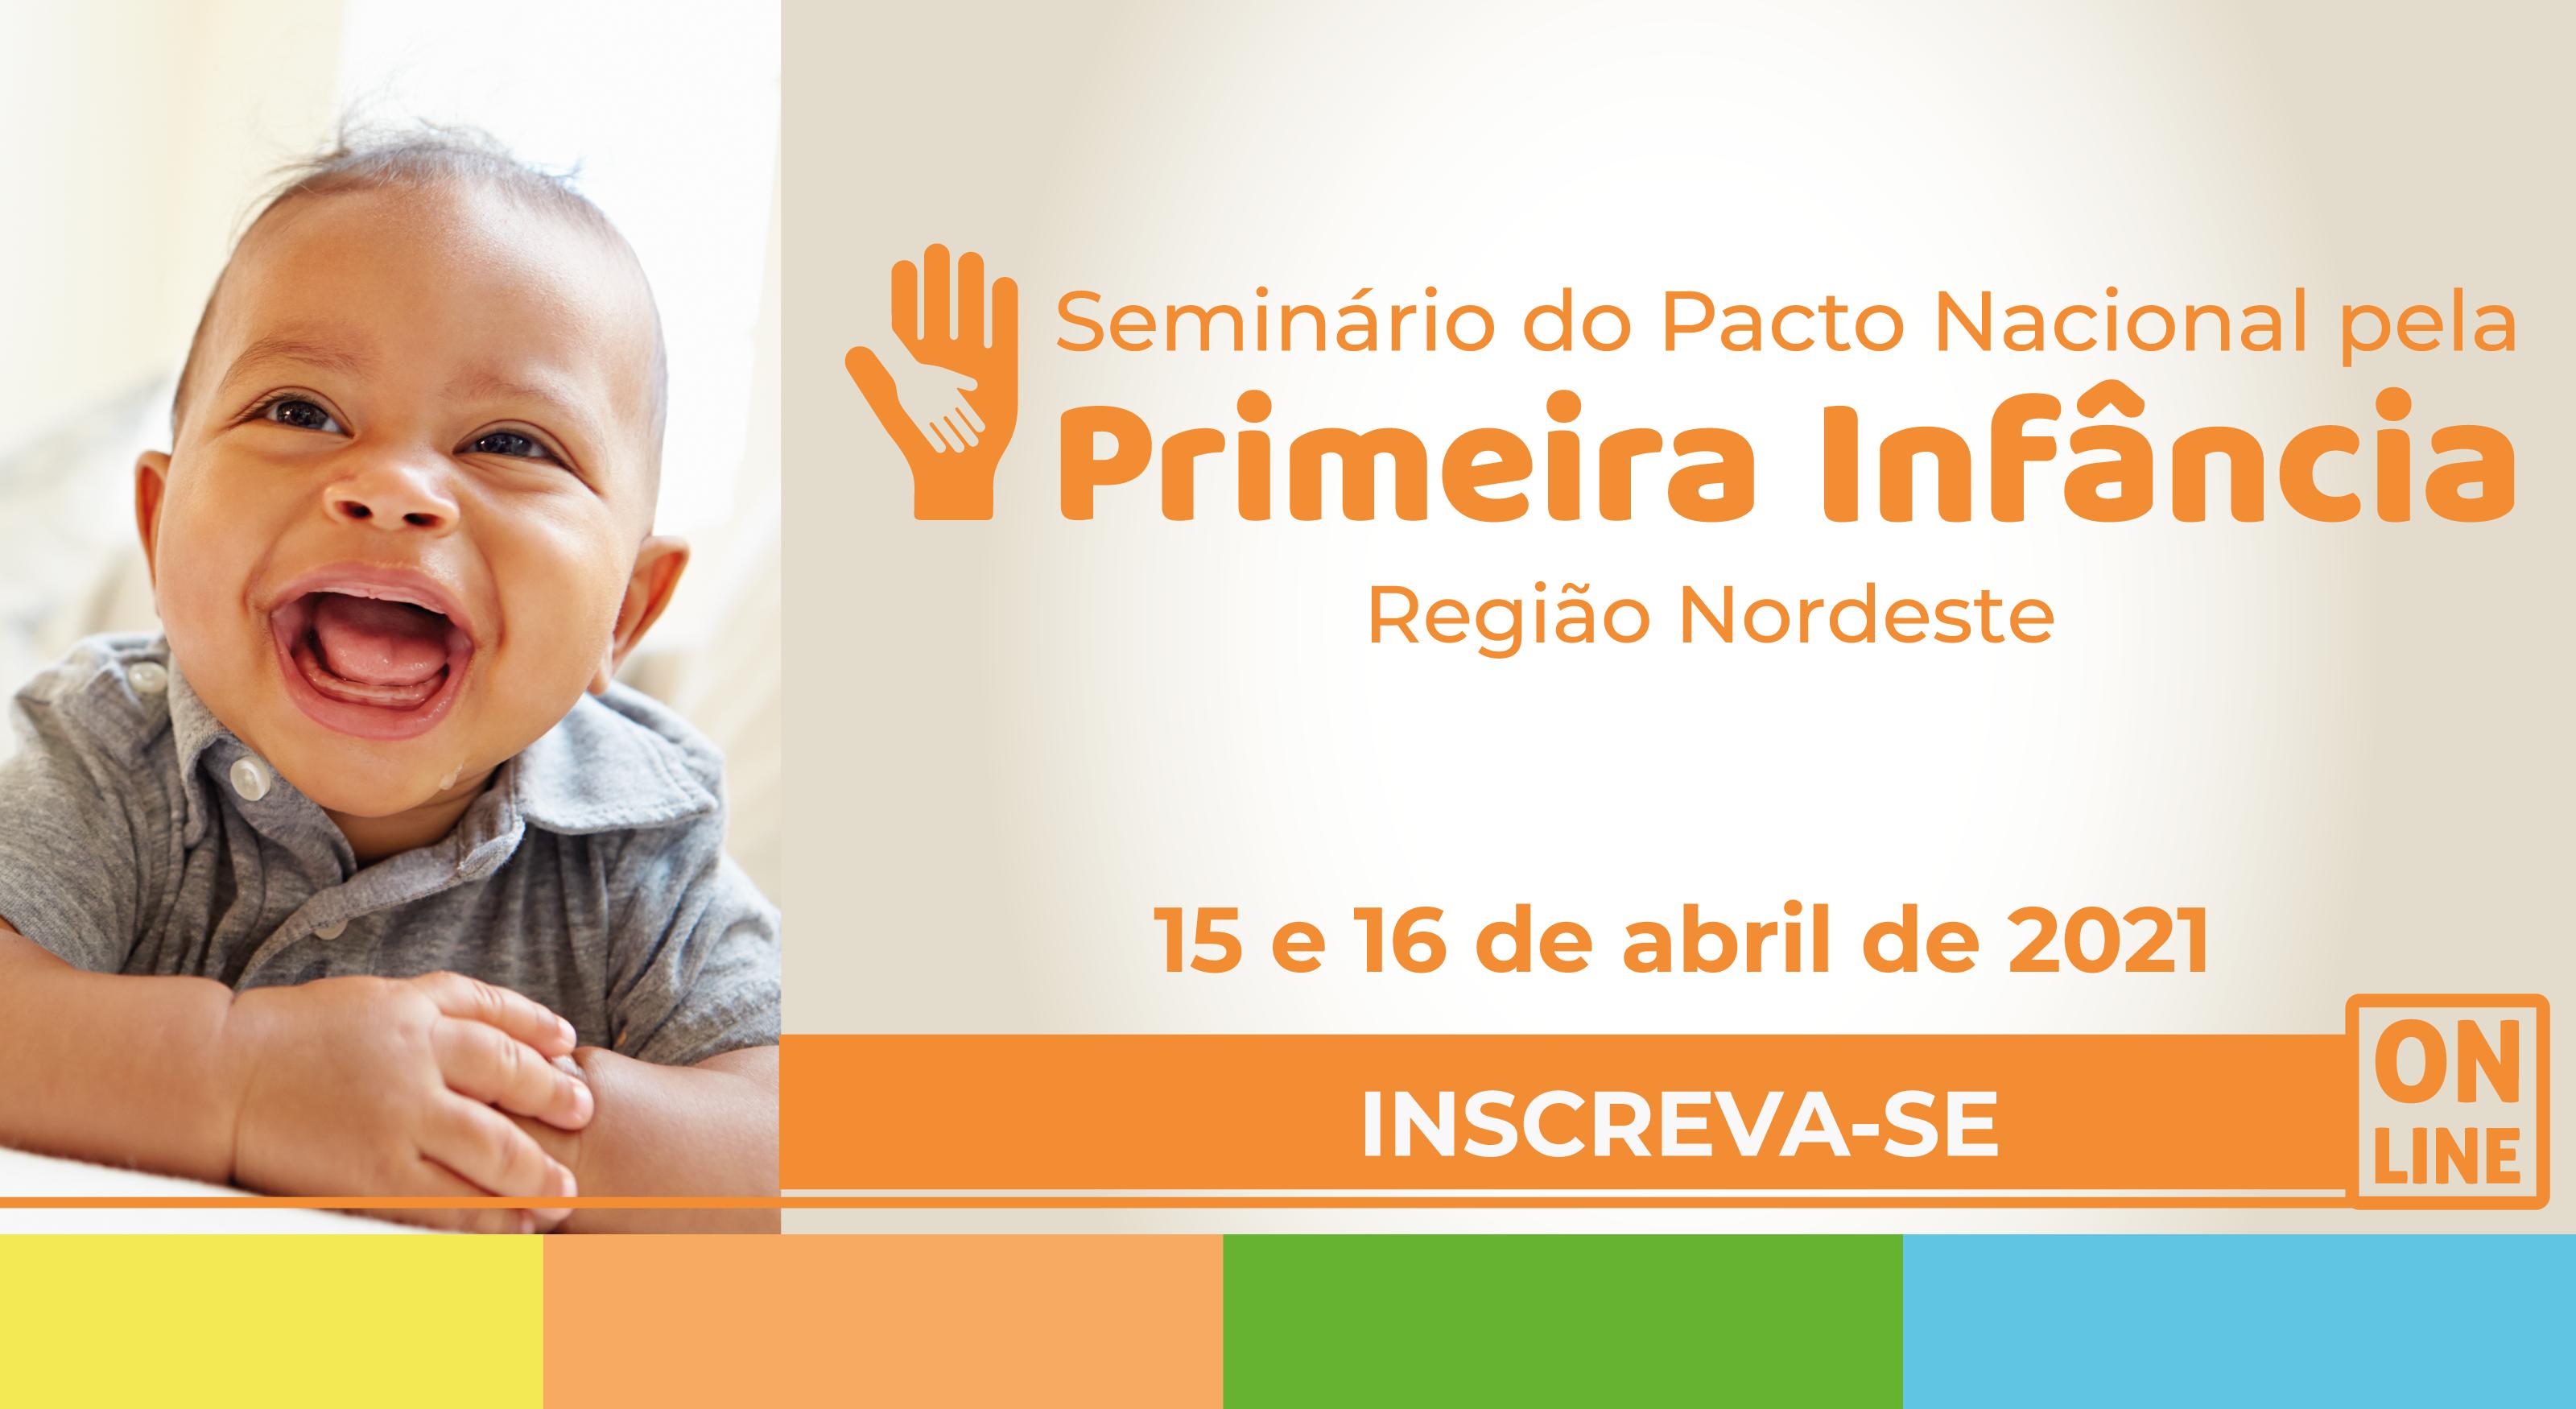 Seminário do Pacto Nacional pela Primeira Infância